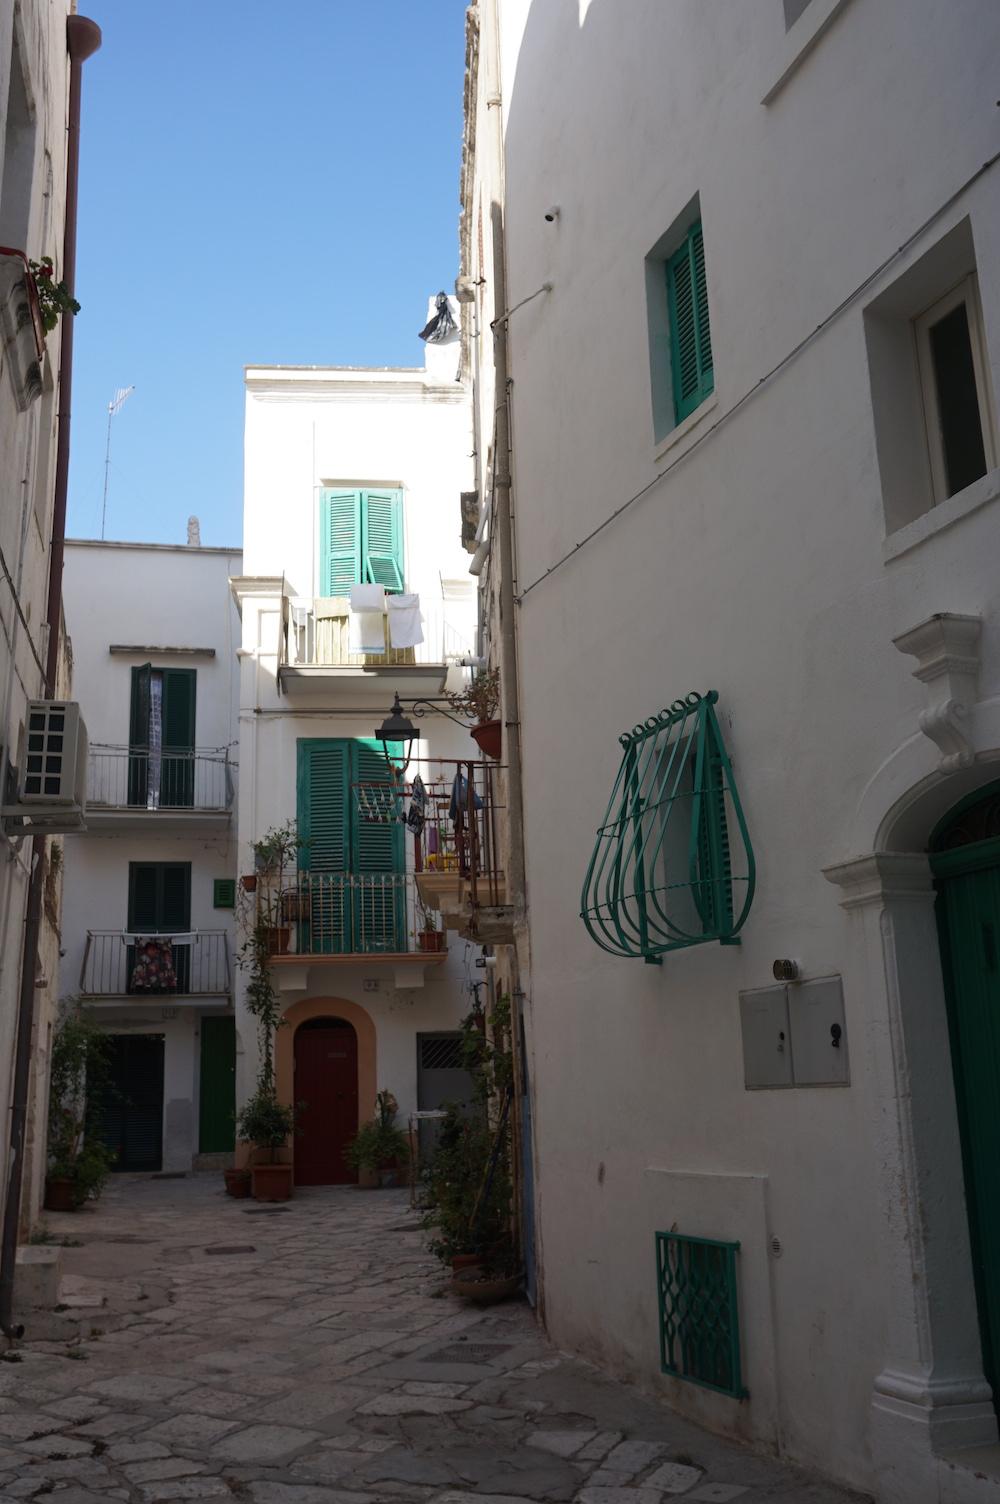 Zwiedzanie Apulii - co warto zobaczyć - stare miasto Monopoli